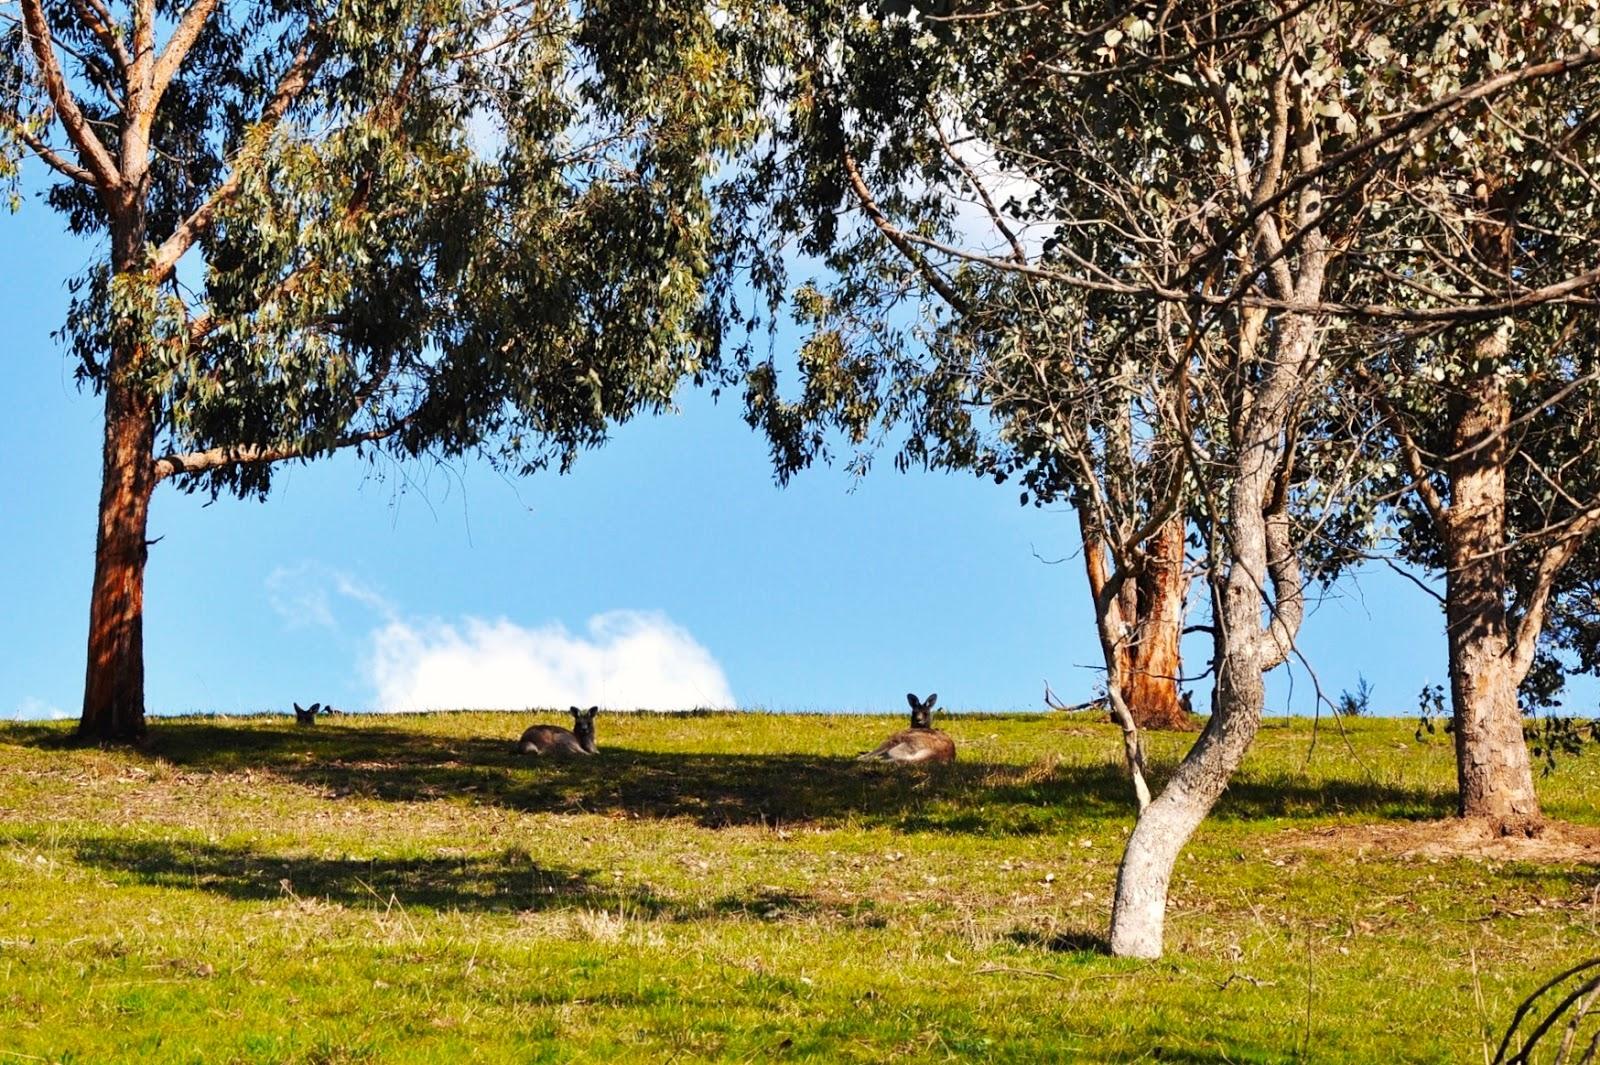 hiking outdoors nature kangaroo